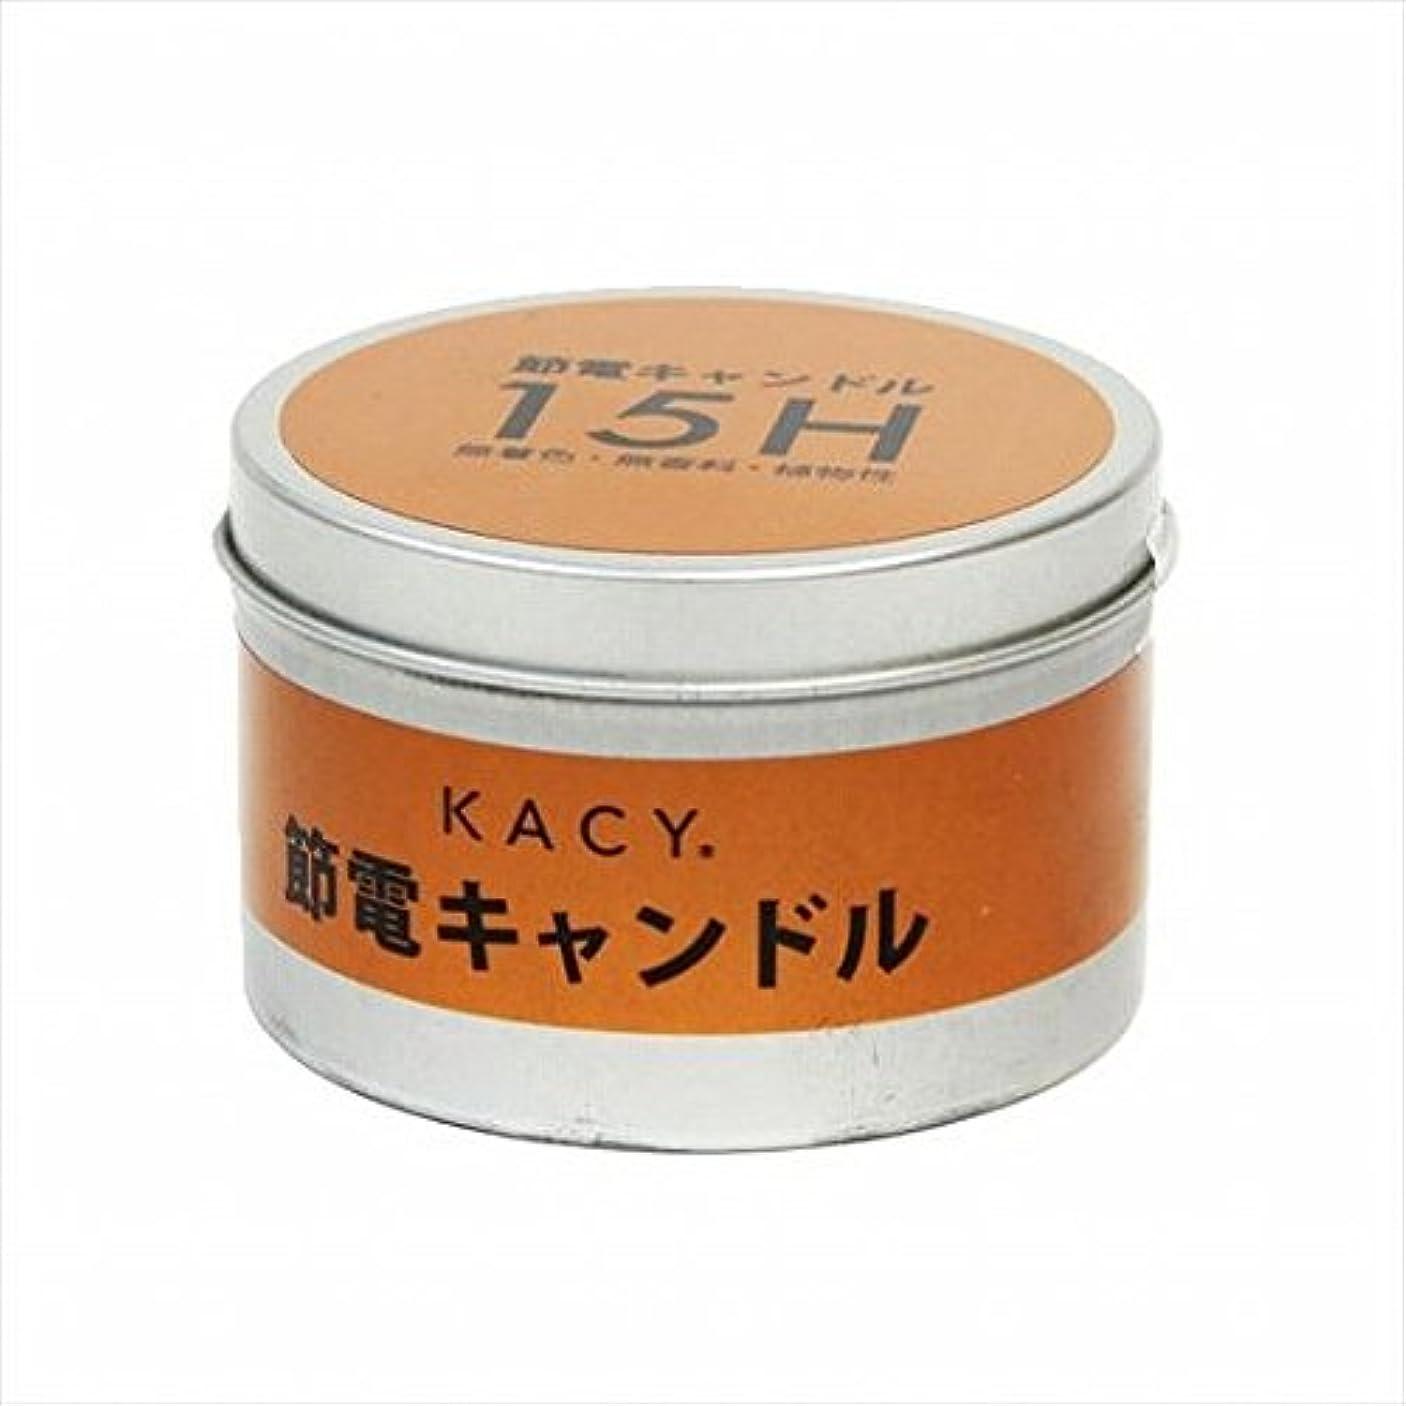 ストレスハチ粉砕するkameyama candle(カメヤマキャンドル) 節電缶キャンドル15時間タイプ キャンドル 80x80x48mm (A9620000)